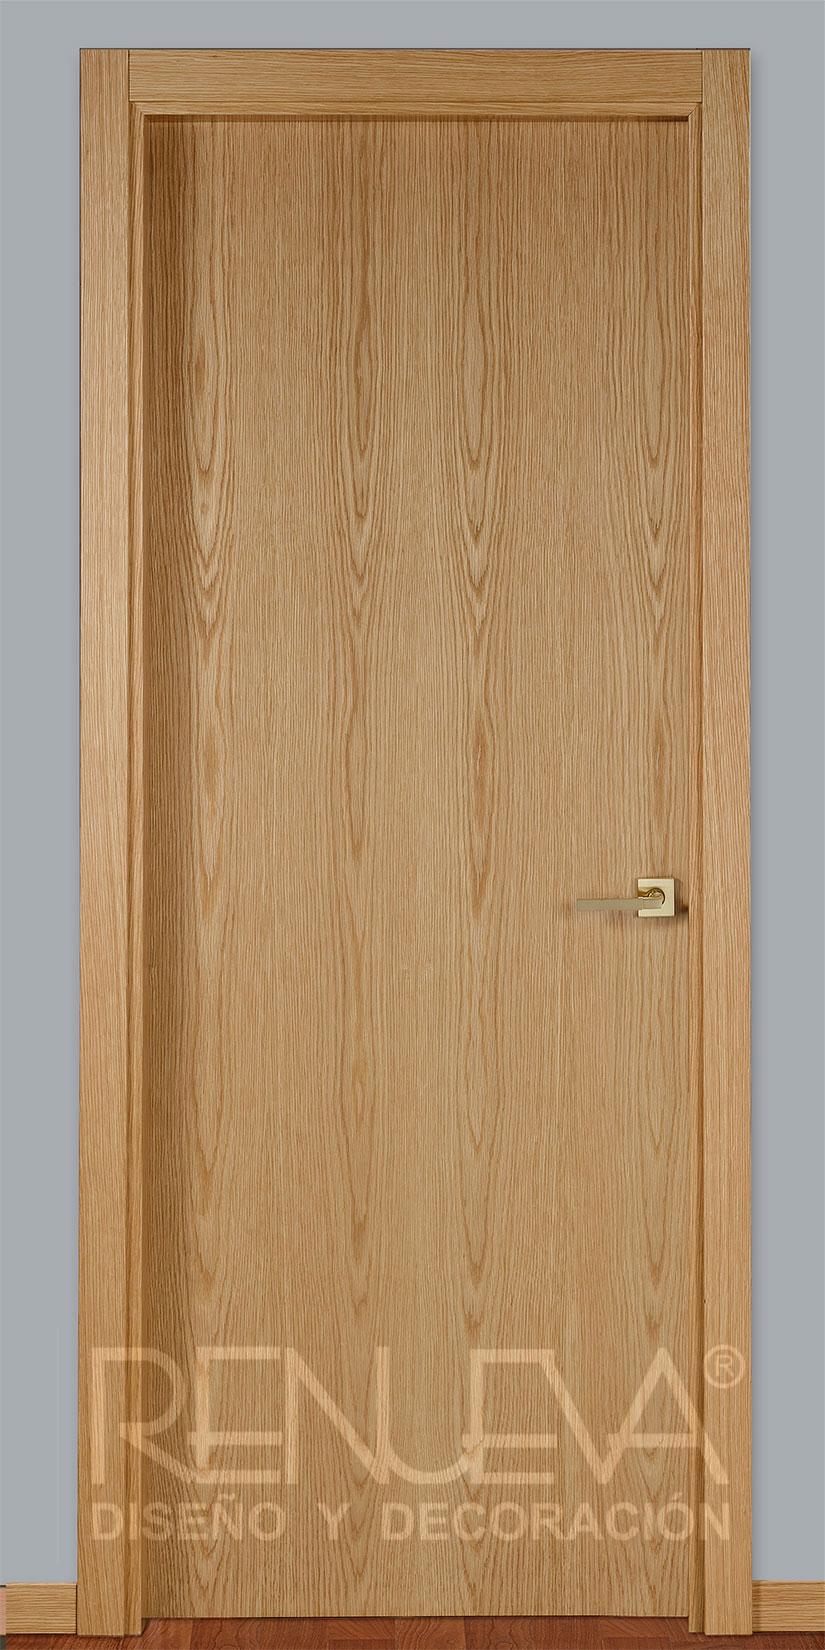 Puertas economicas de madera interesting puerta corrediza for Puertas para recamara economicas